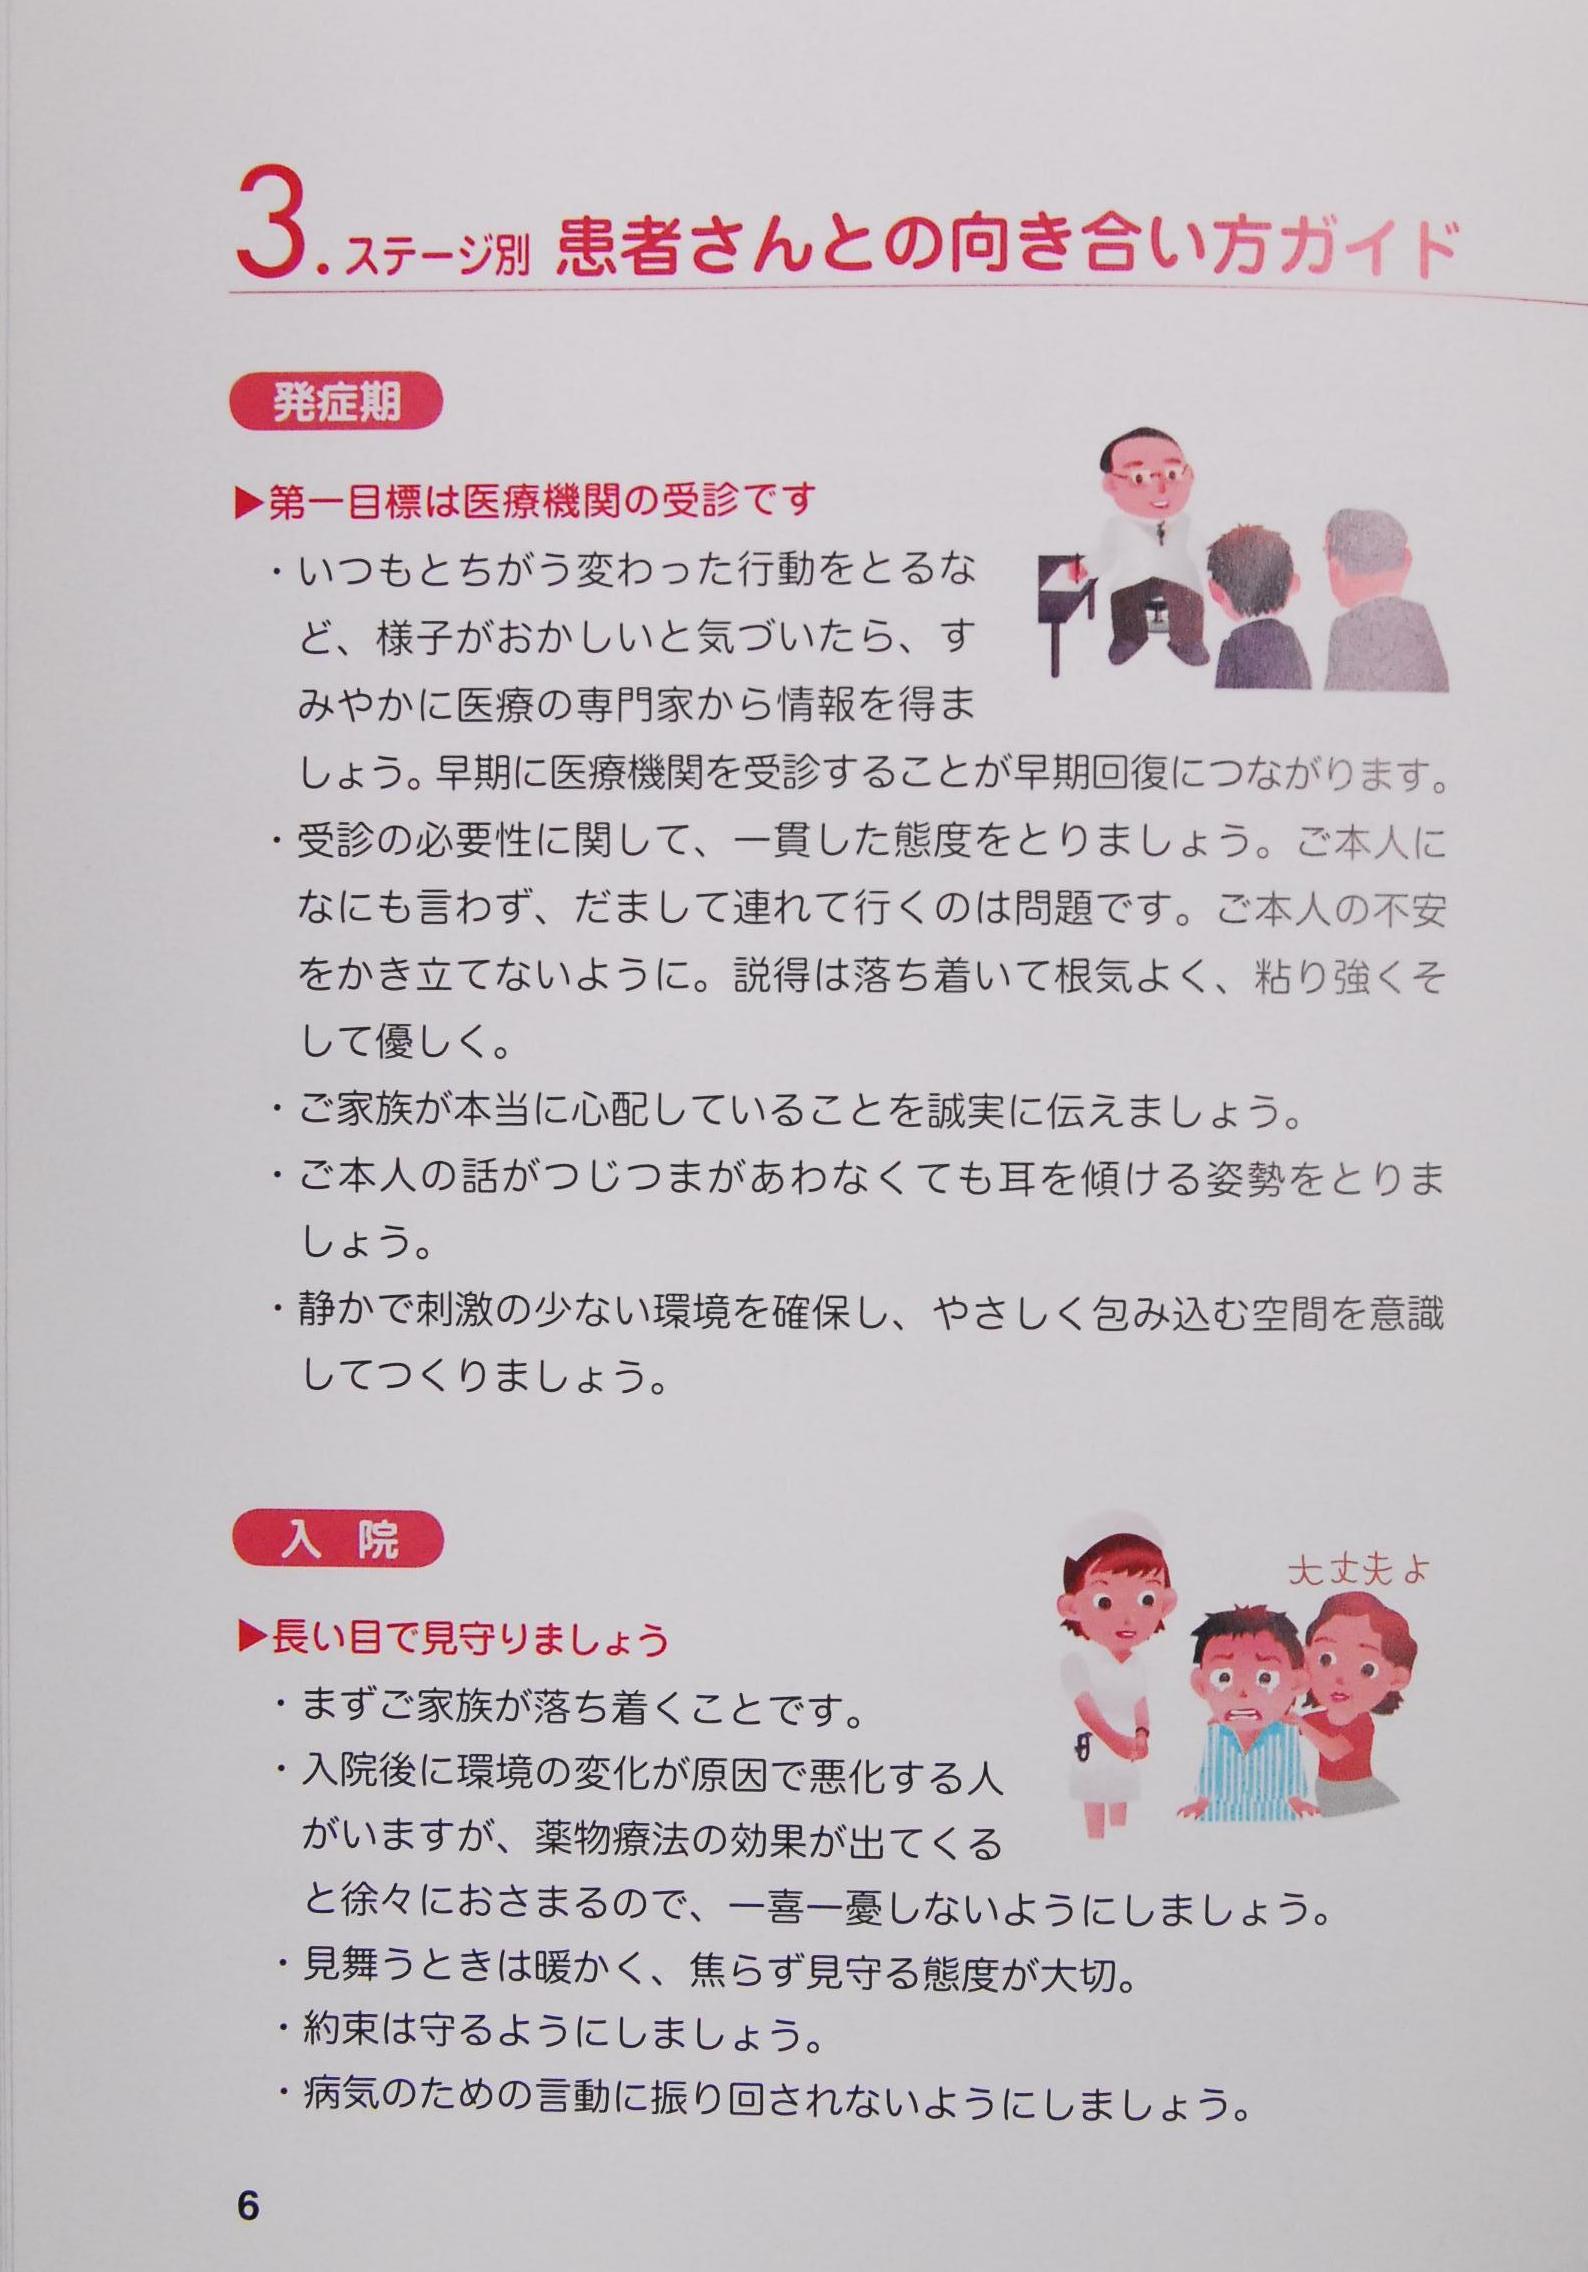 統合失調症ABC 回復を促す〝家族の接し方〟_a0103650_18131916.jpg